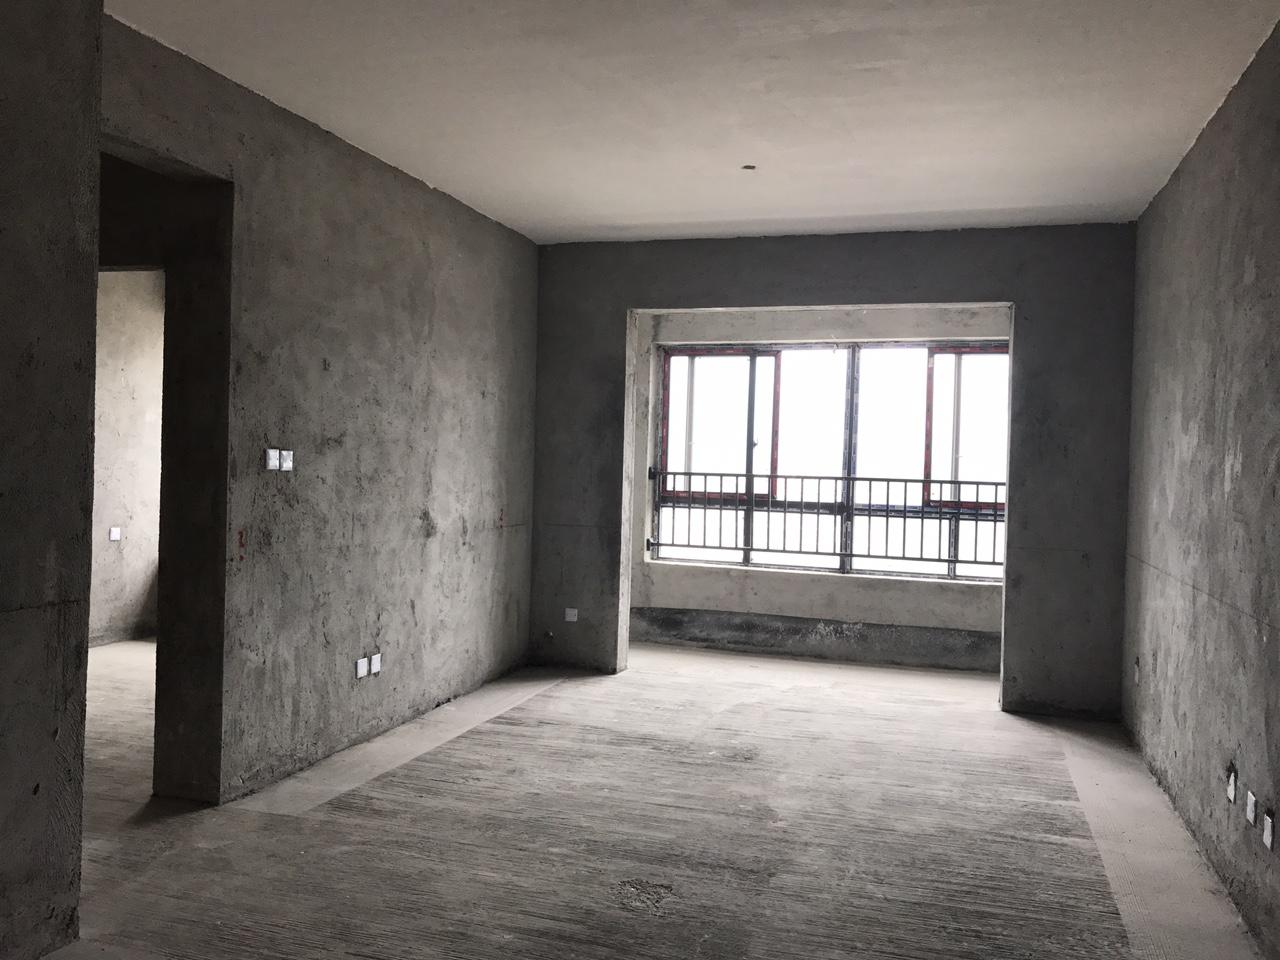 中央府邸清水房3室2厅1卫52万急售